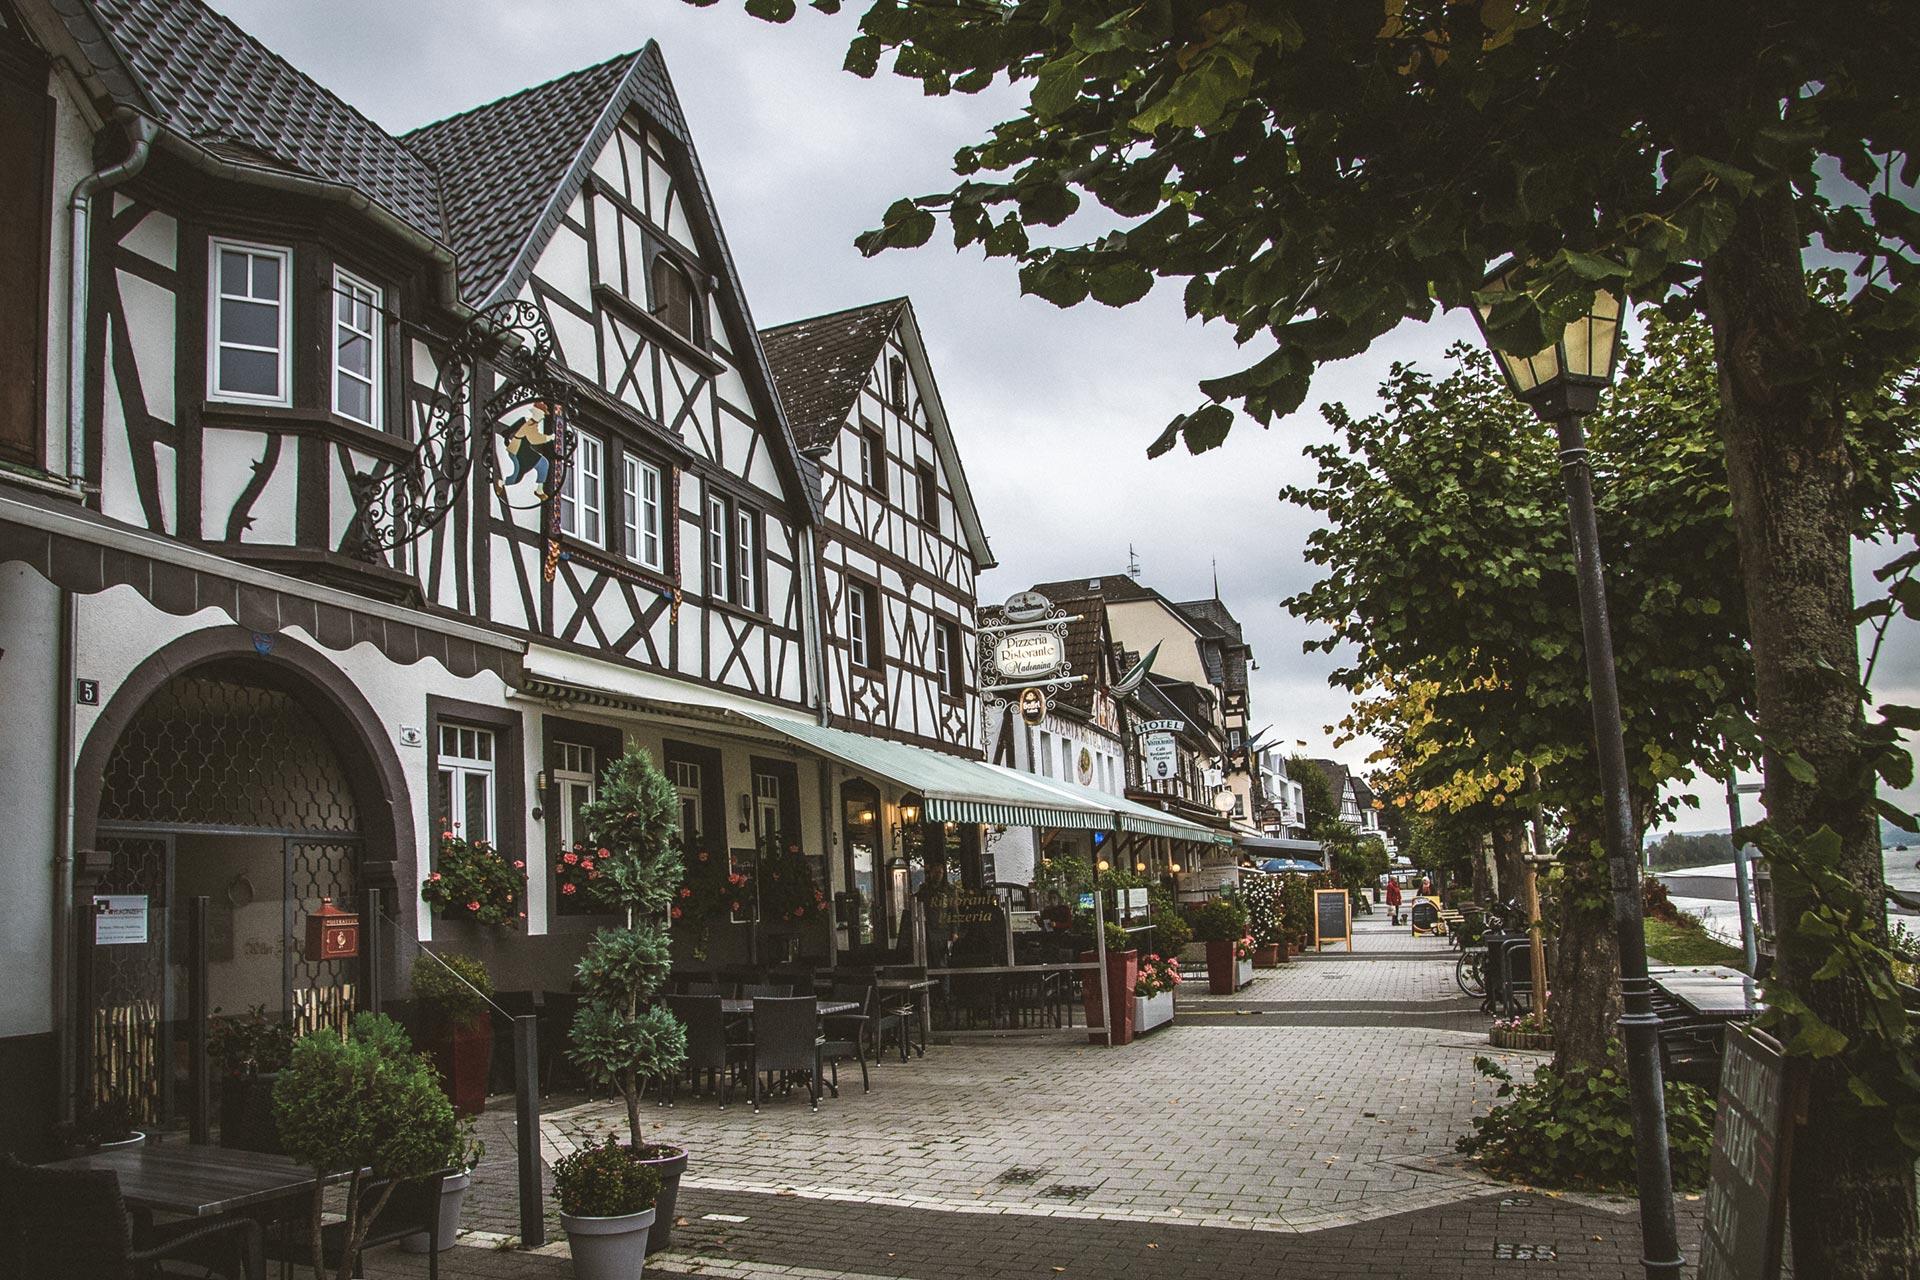 Die Altstadt Bad Breisigs zieht sich bis zur Uferpromenade am Rhein